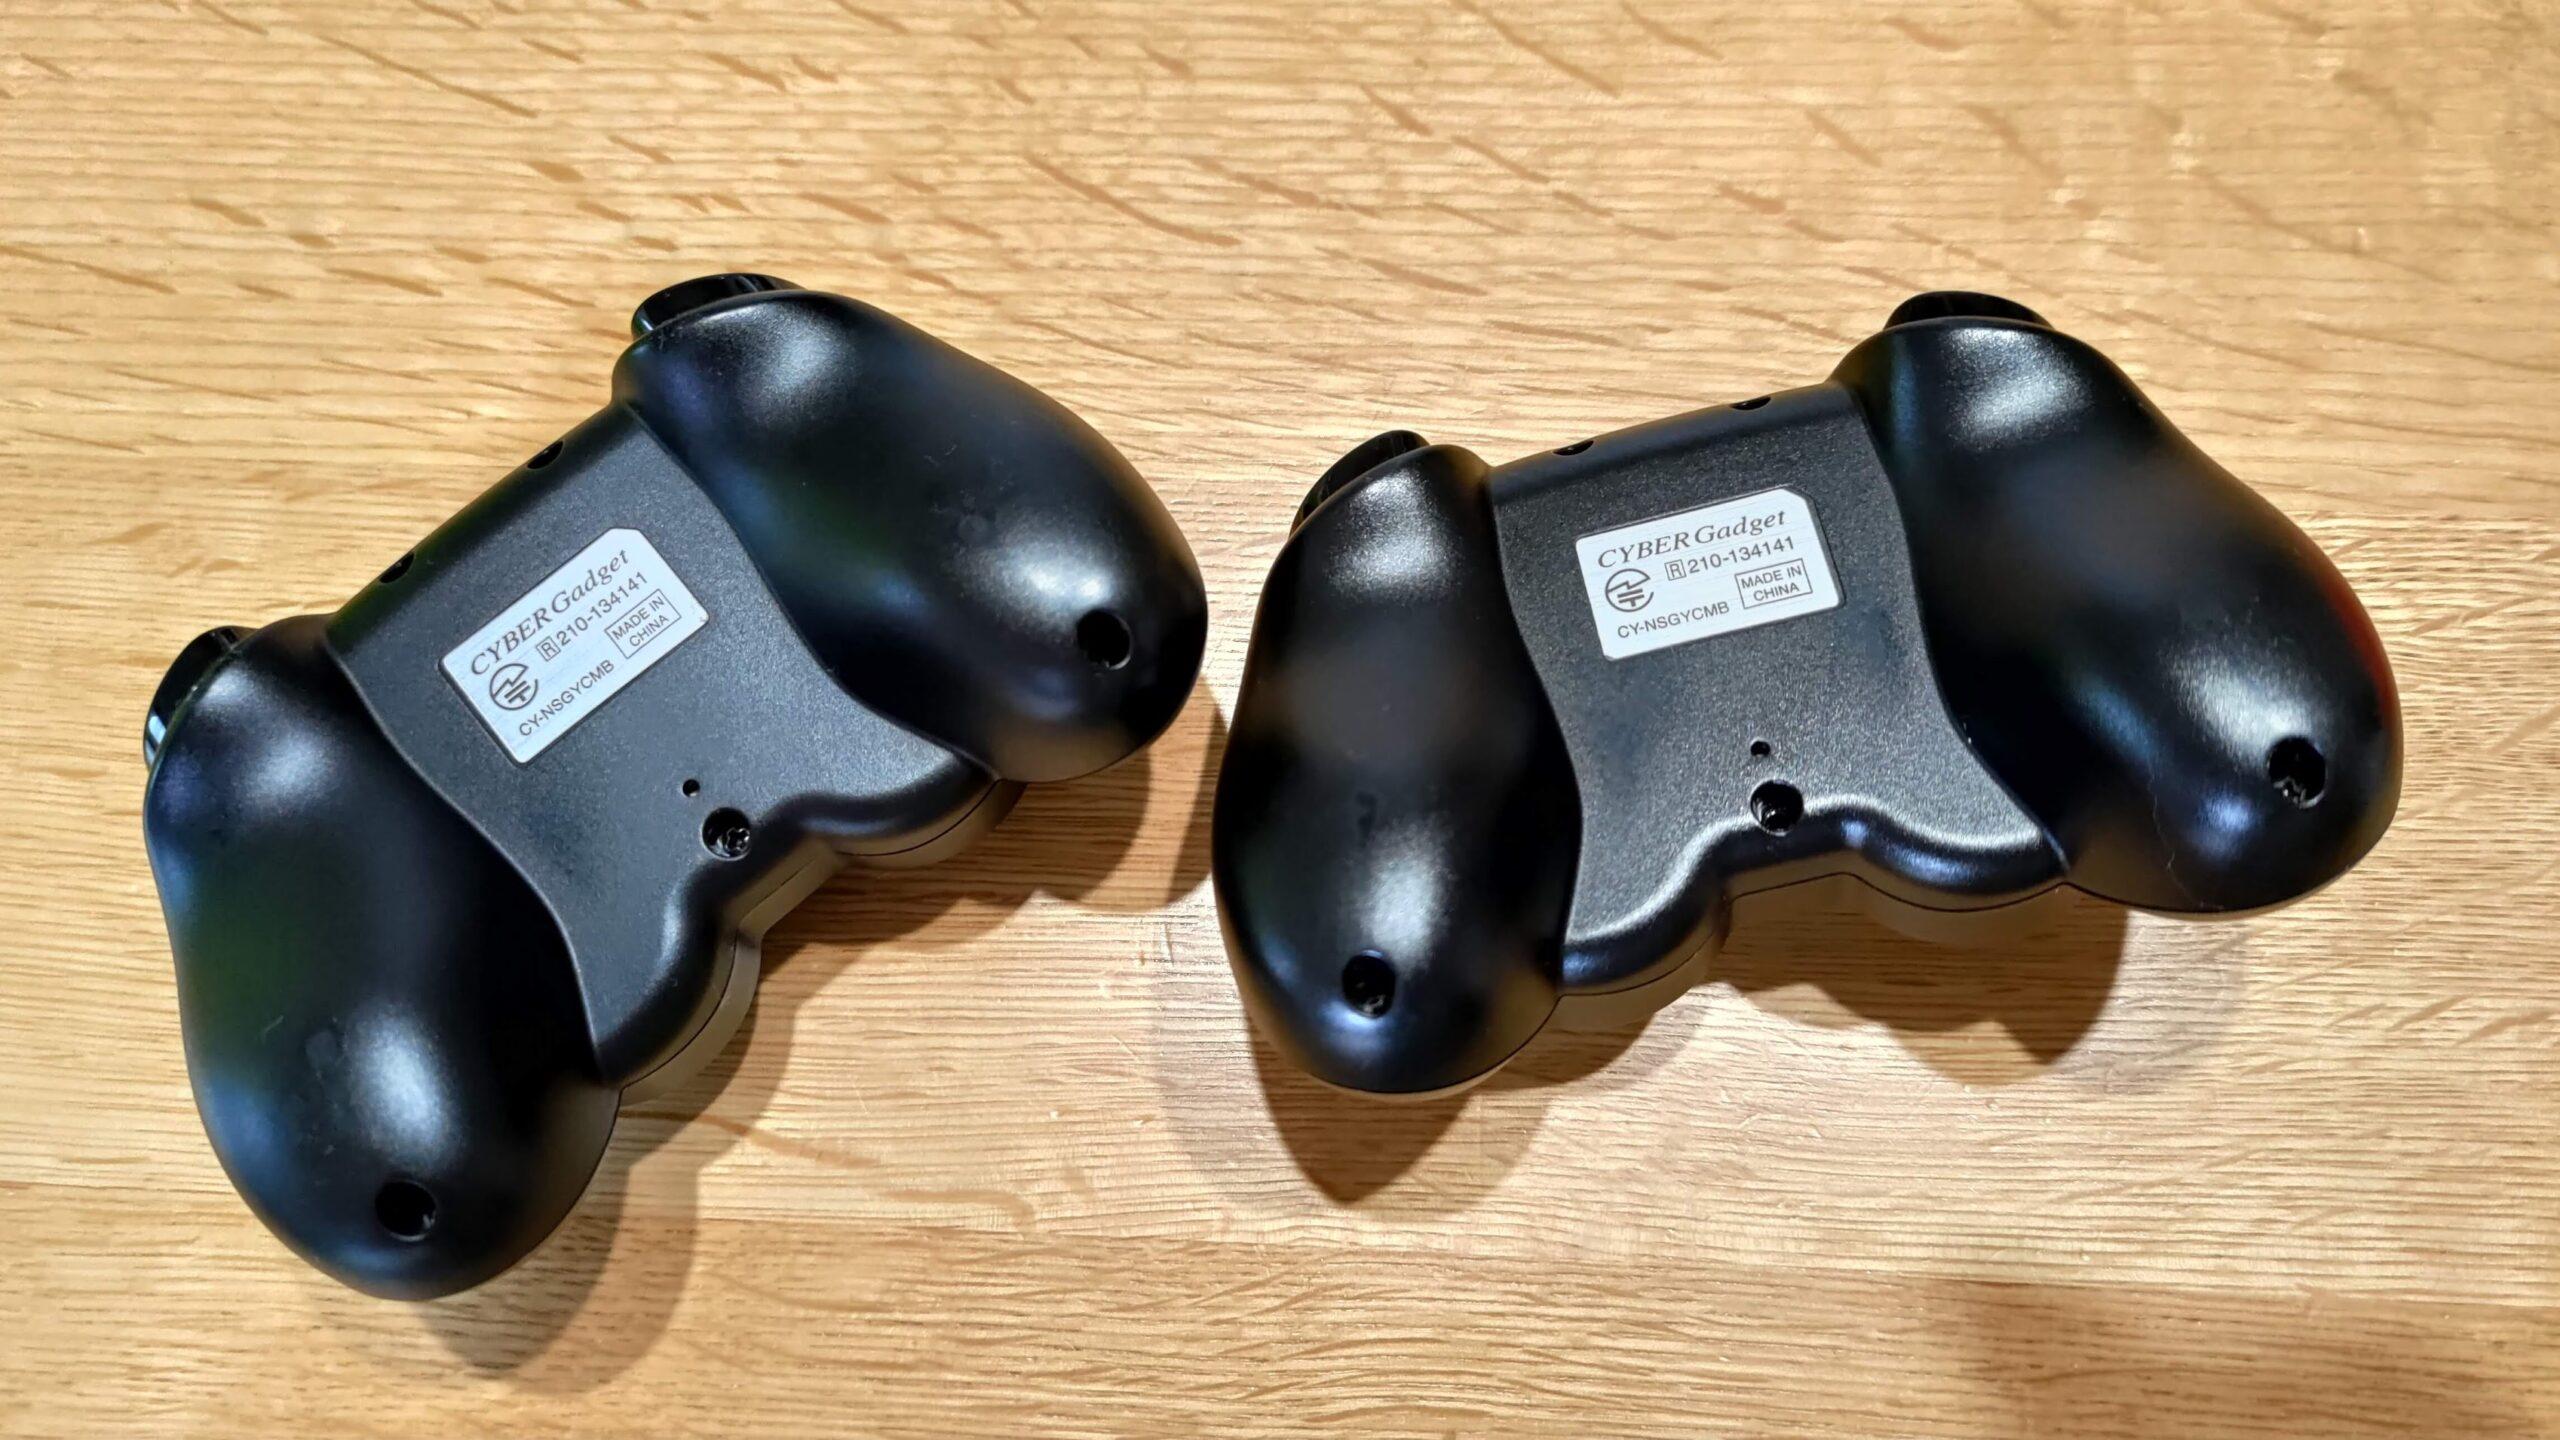 任天堂switch proとサイバーコントローラーの違い 02